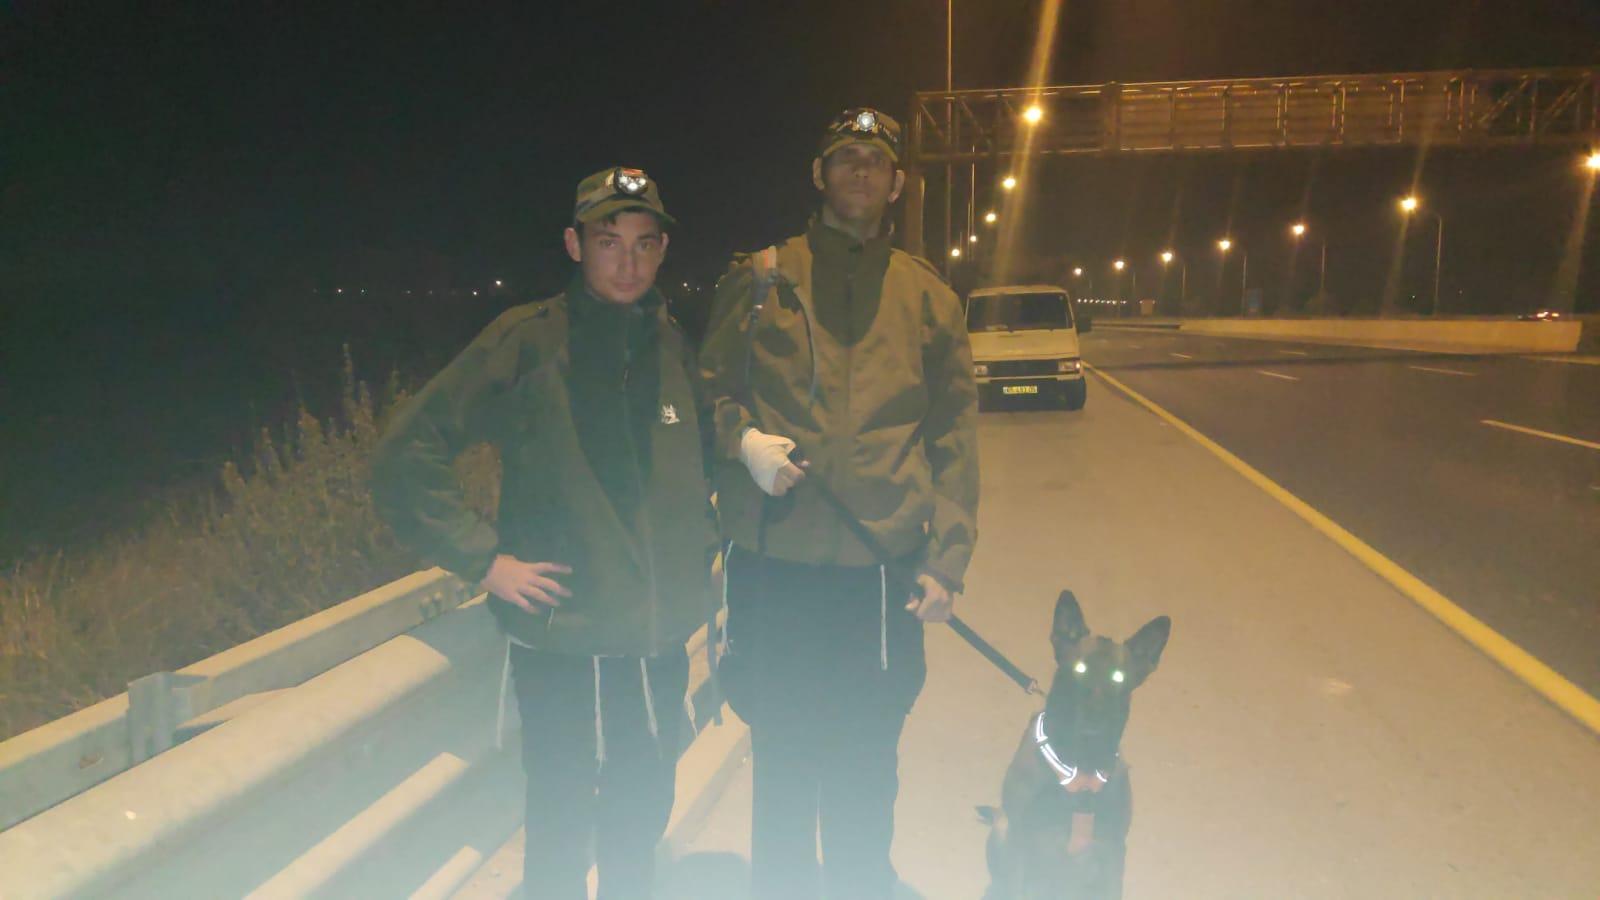 """חיפושים אחרי רוכבת אופנוע סמוך לכביש 431 - הלילה (צילום: דוברות יכ""""ל)"""